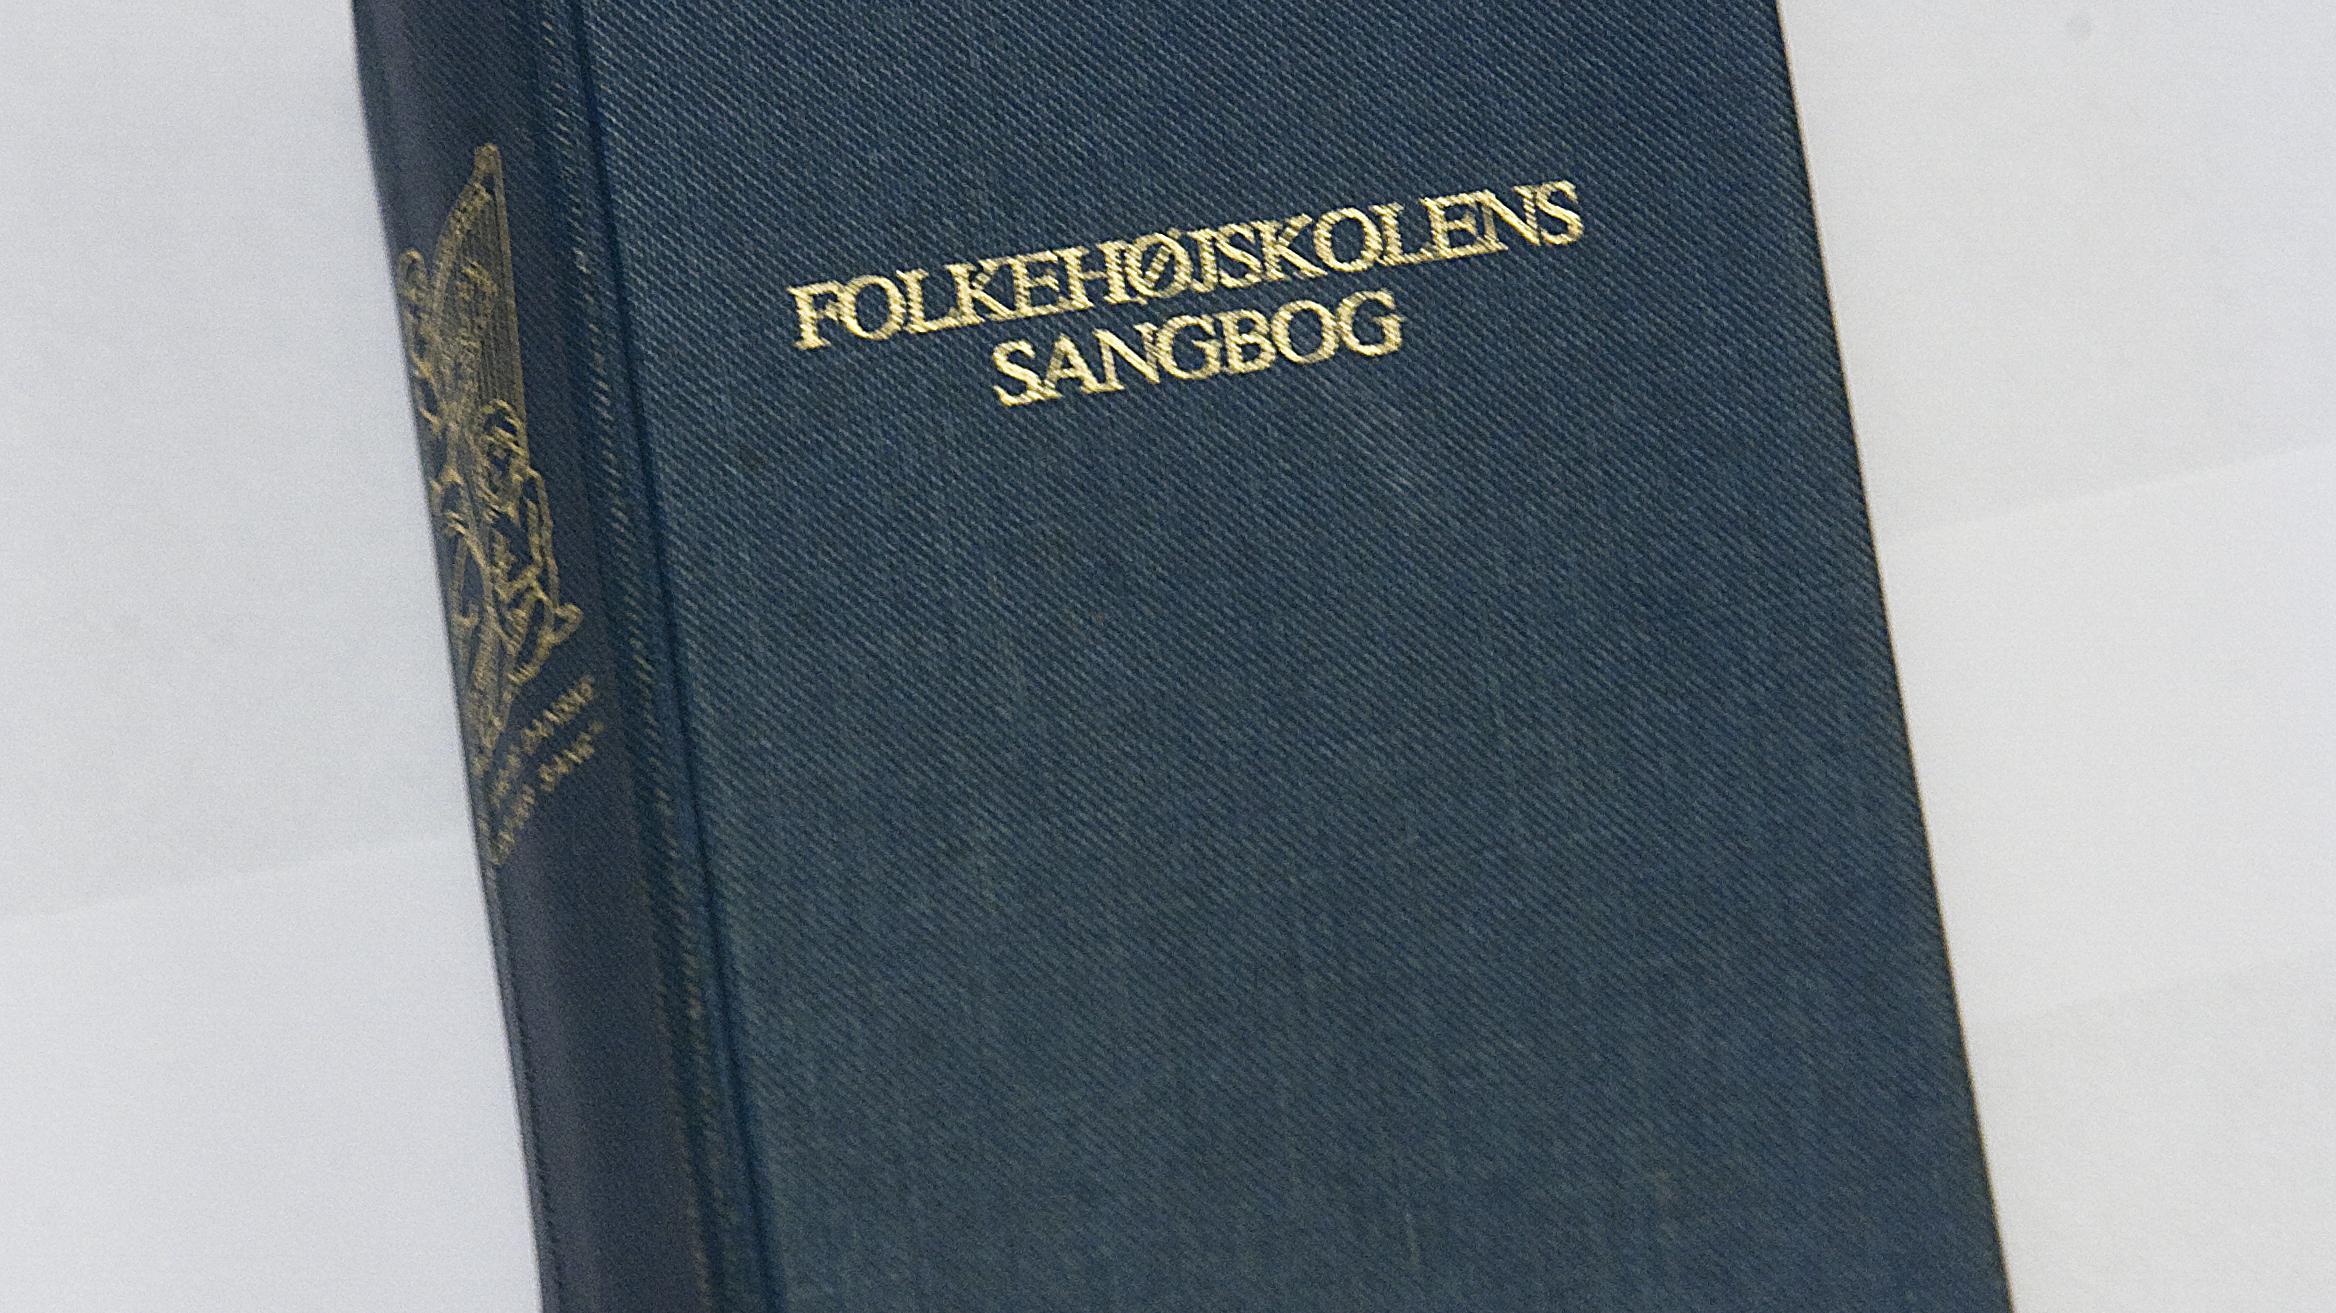 scanpix-20080118-135215-6.jpg